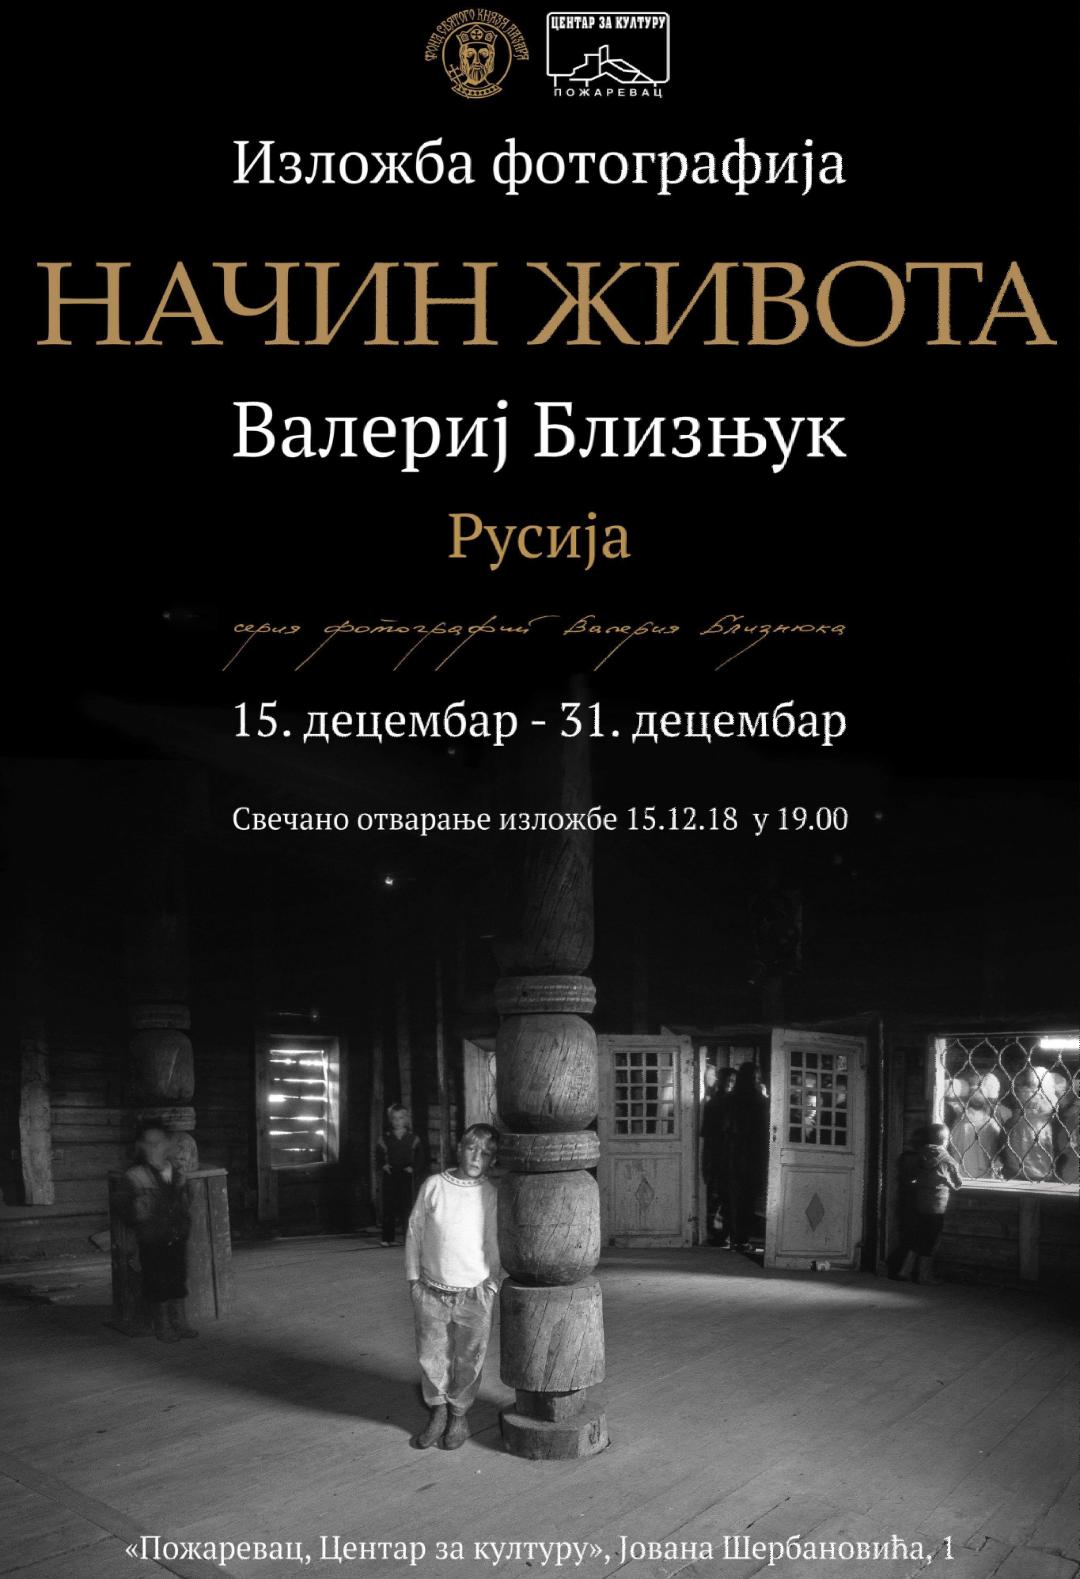 """CZK: Izložba fotografija Valerija Bliznjuka """"Način života"""" 12571"""